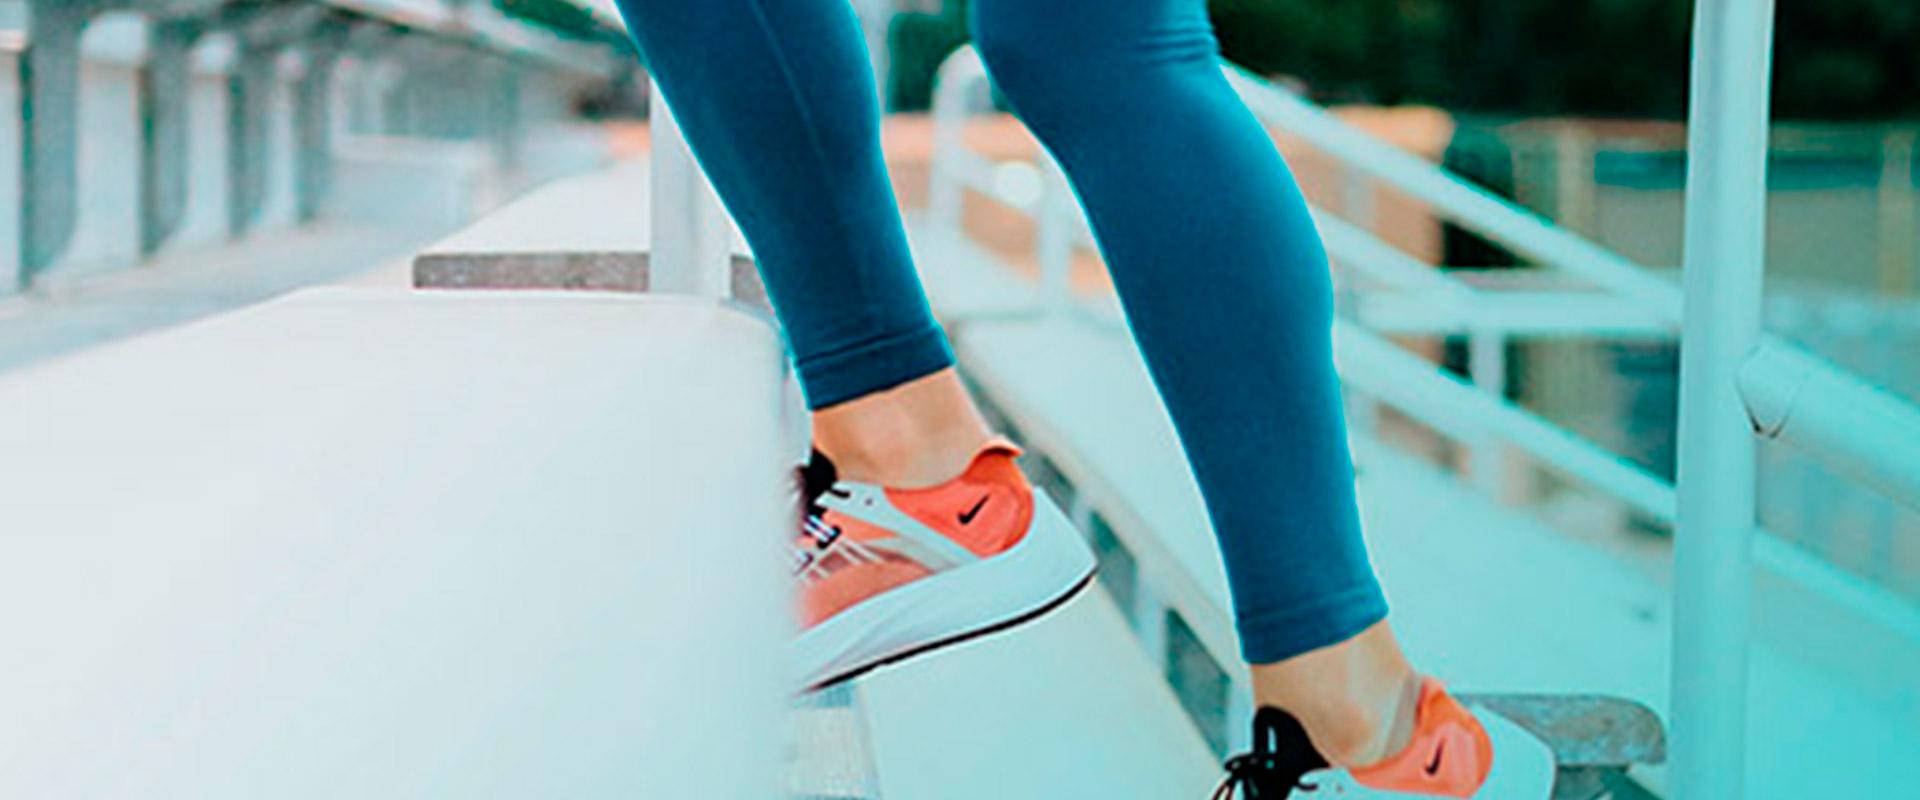 5 tips para compaginar trabajo y deporte